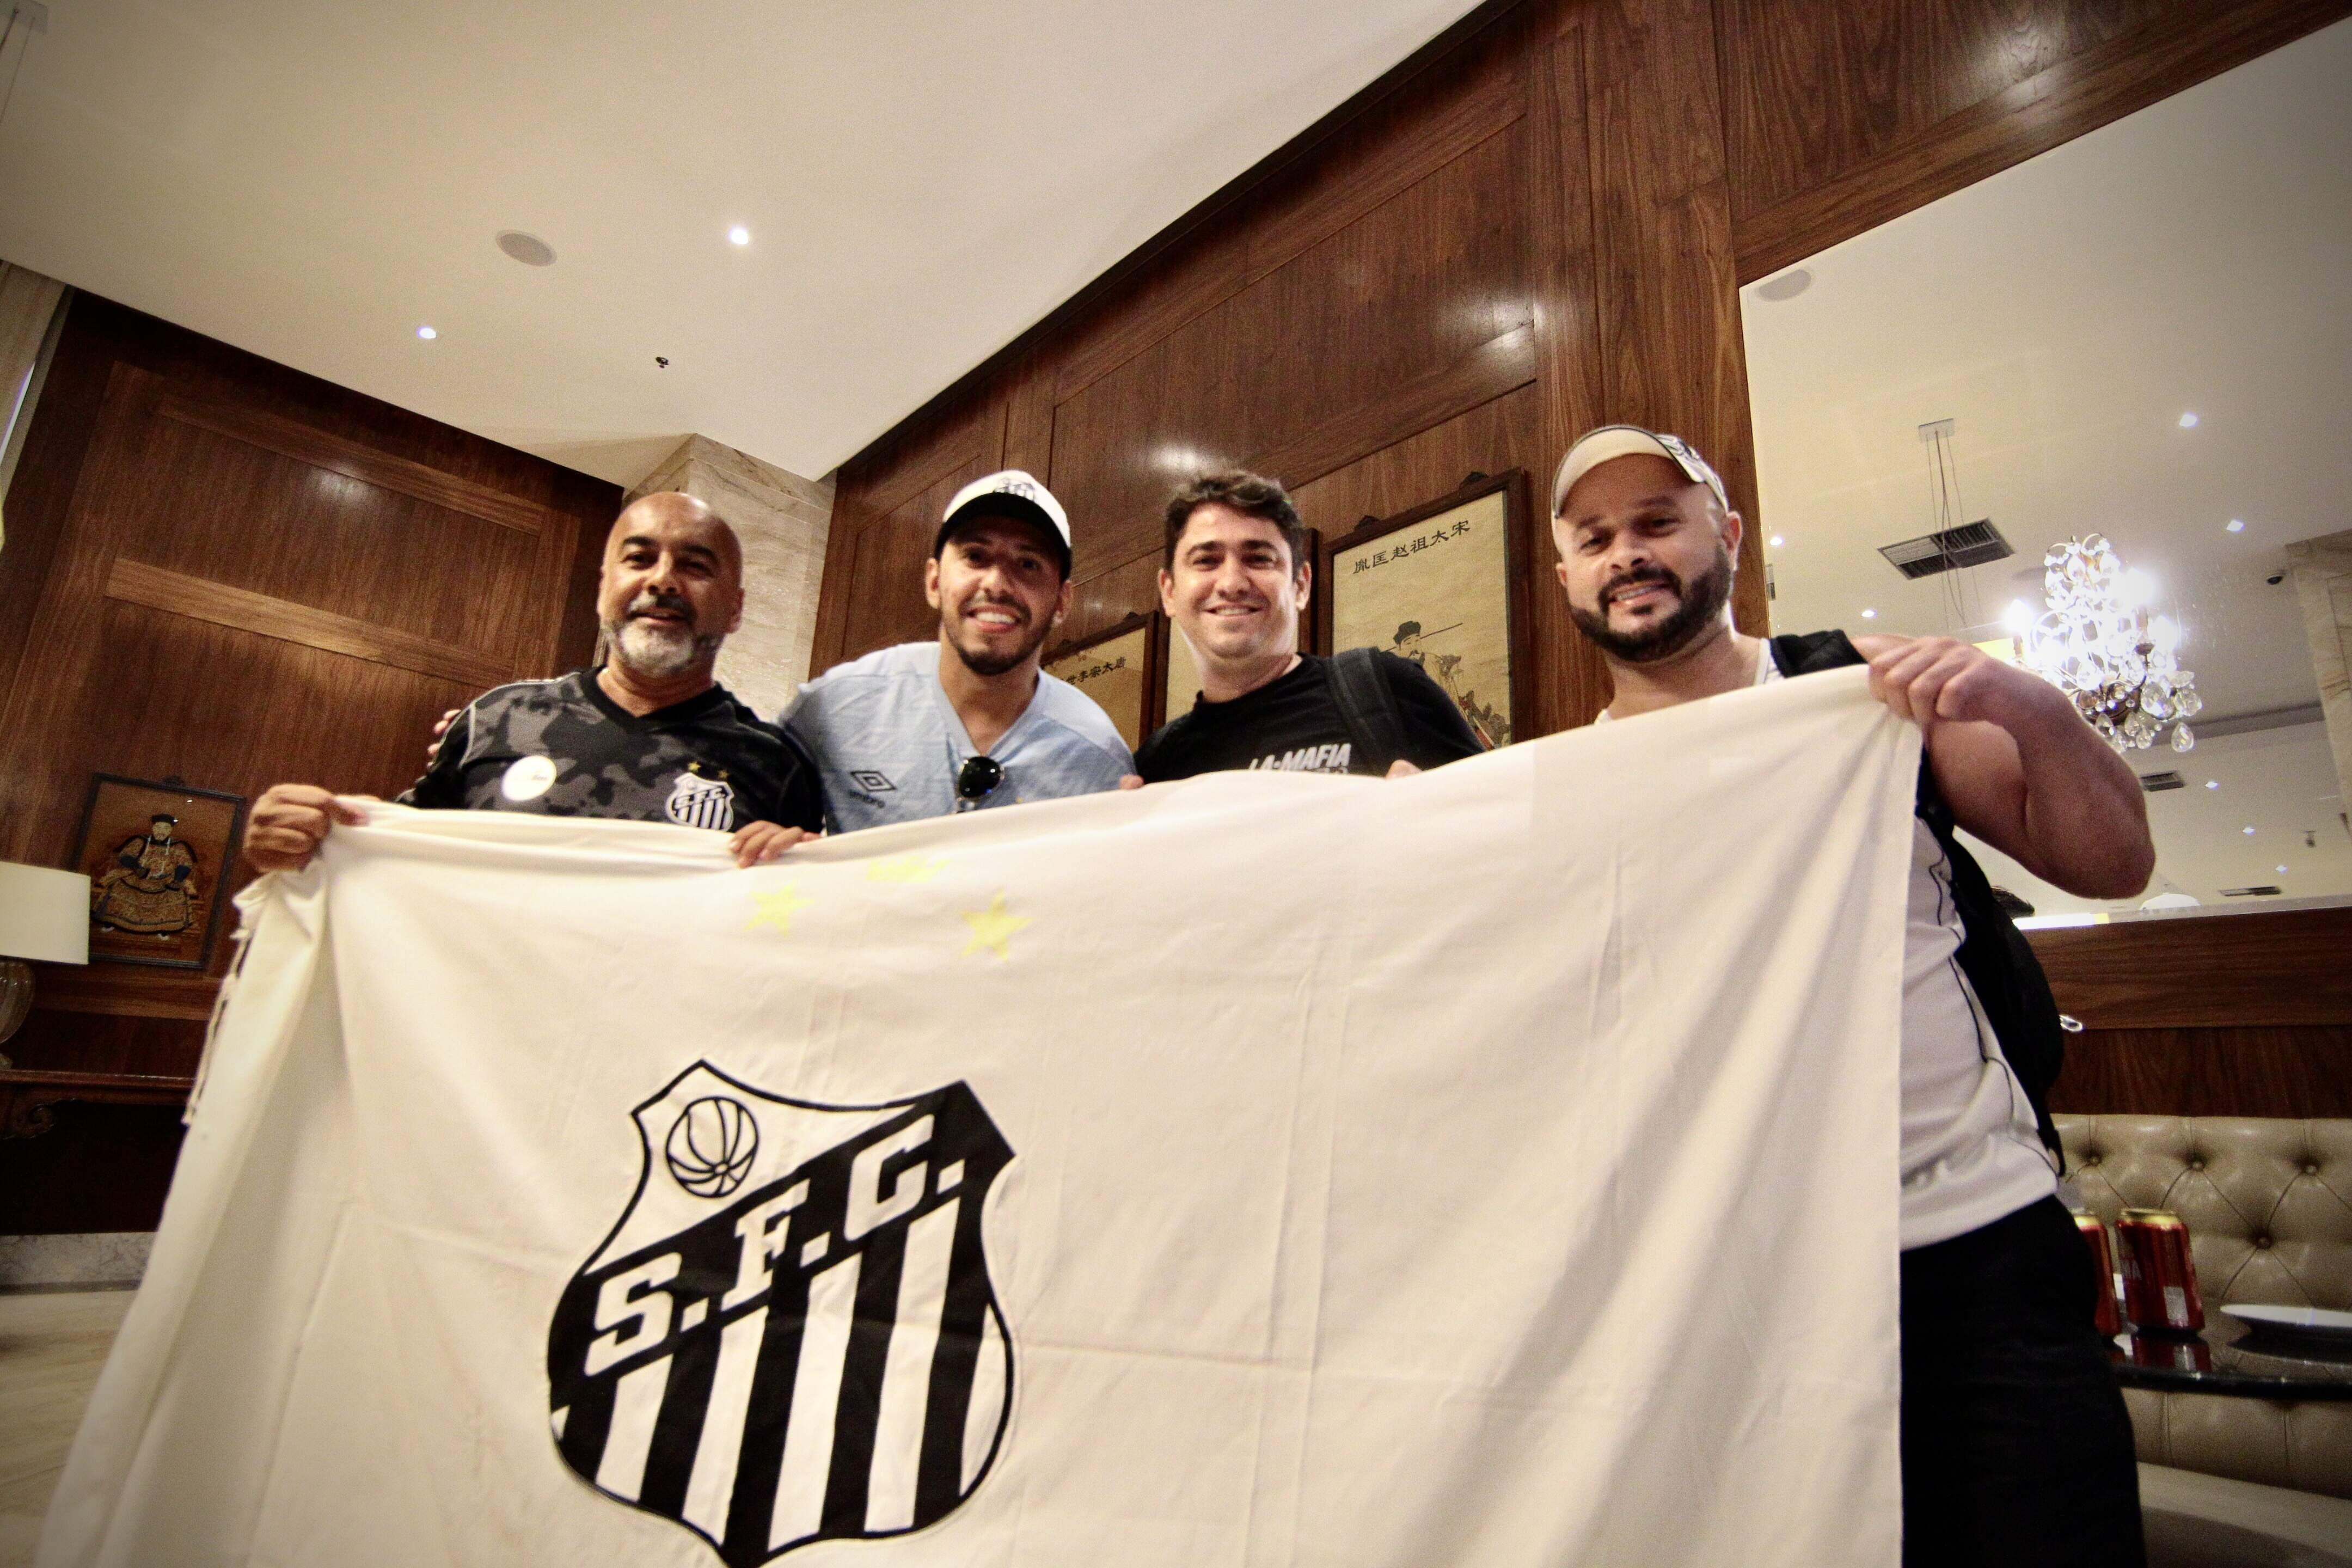 Muitos torcedores do Peixe estão hospedados em hotel da Barra da Tijuca